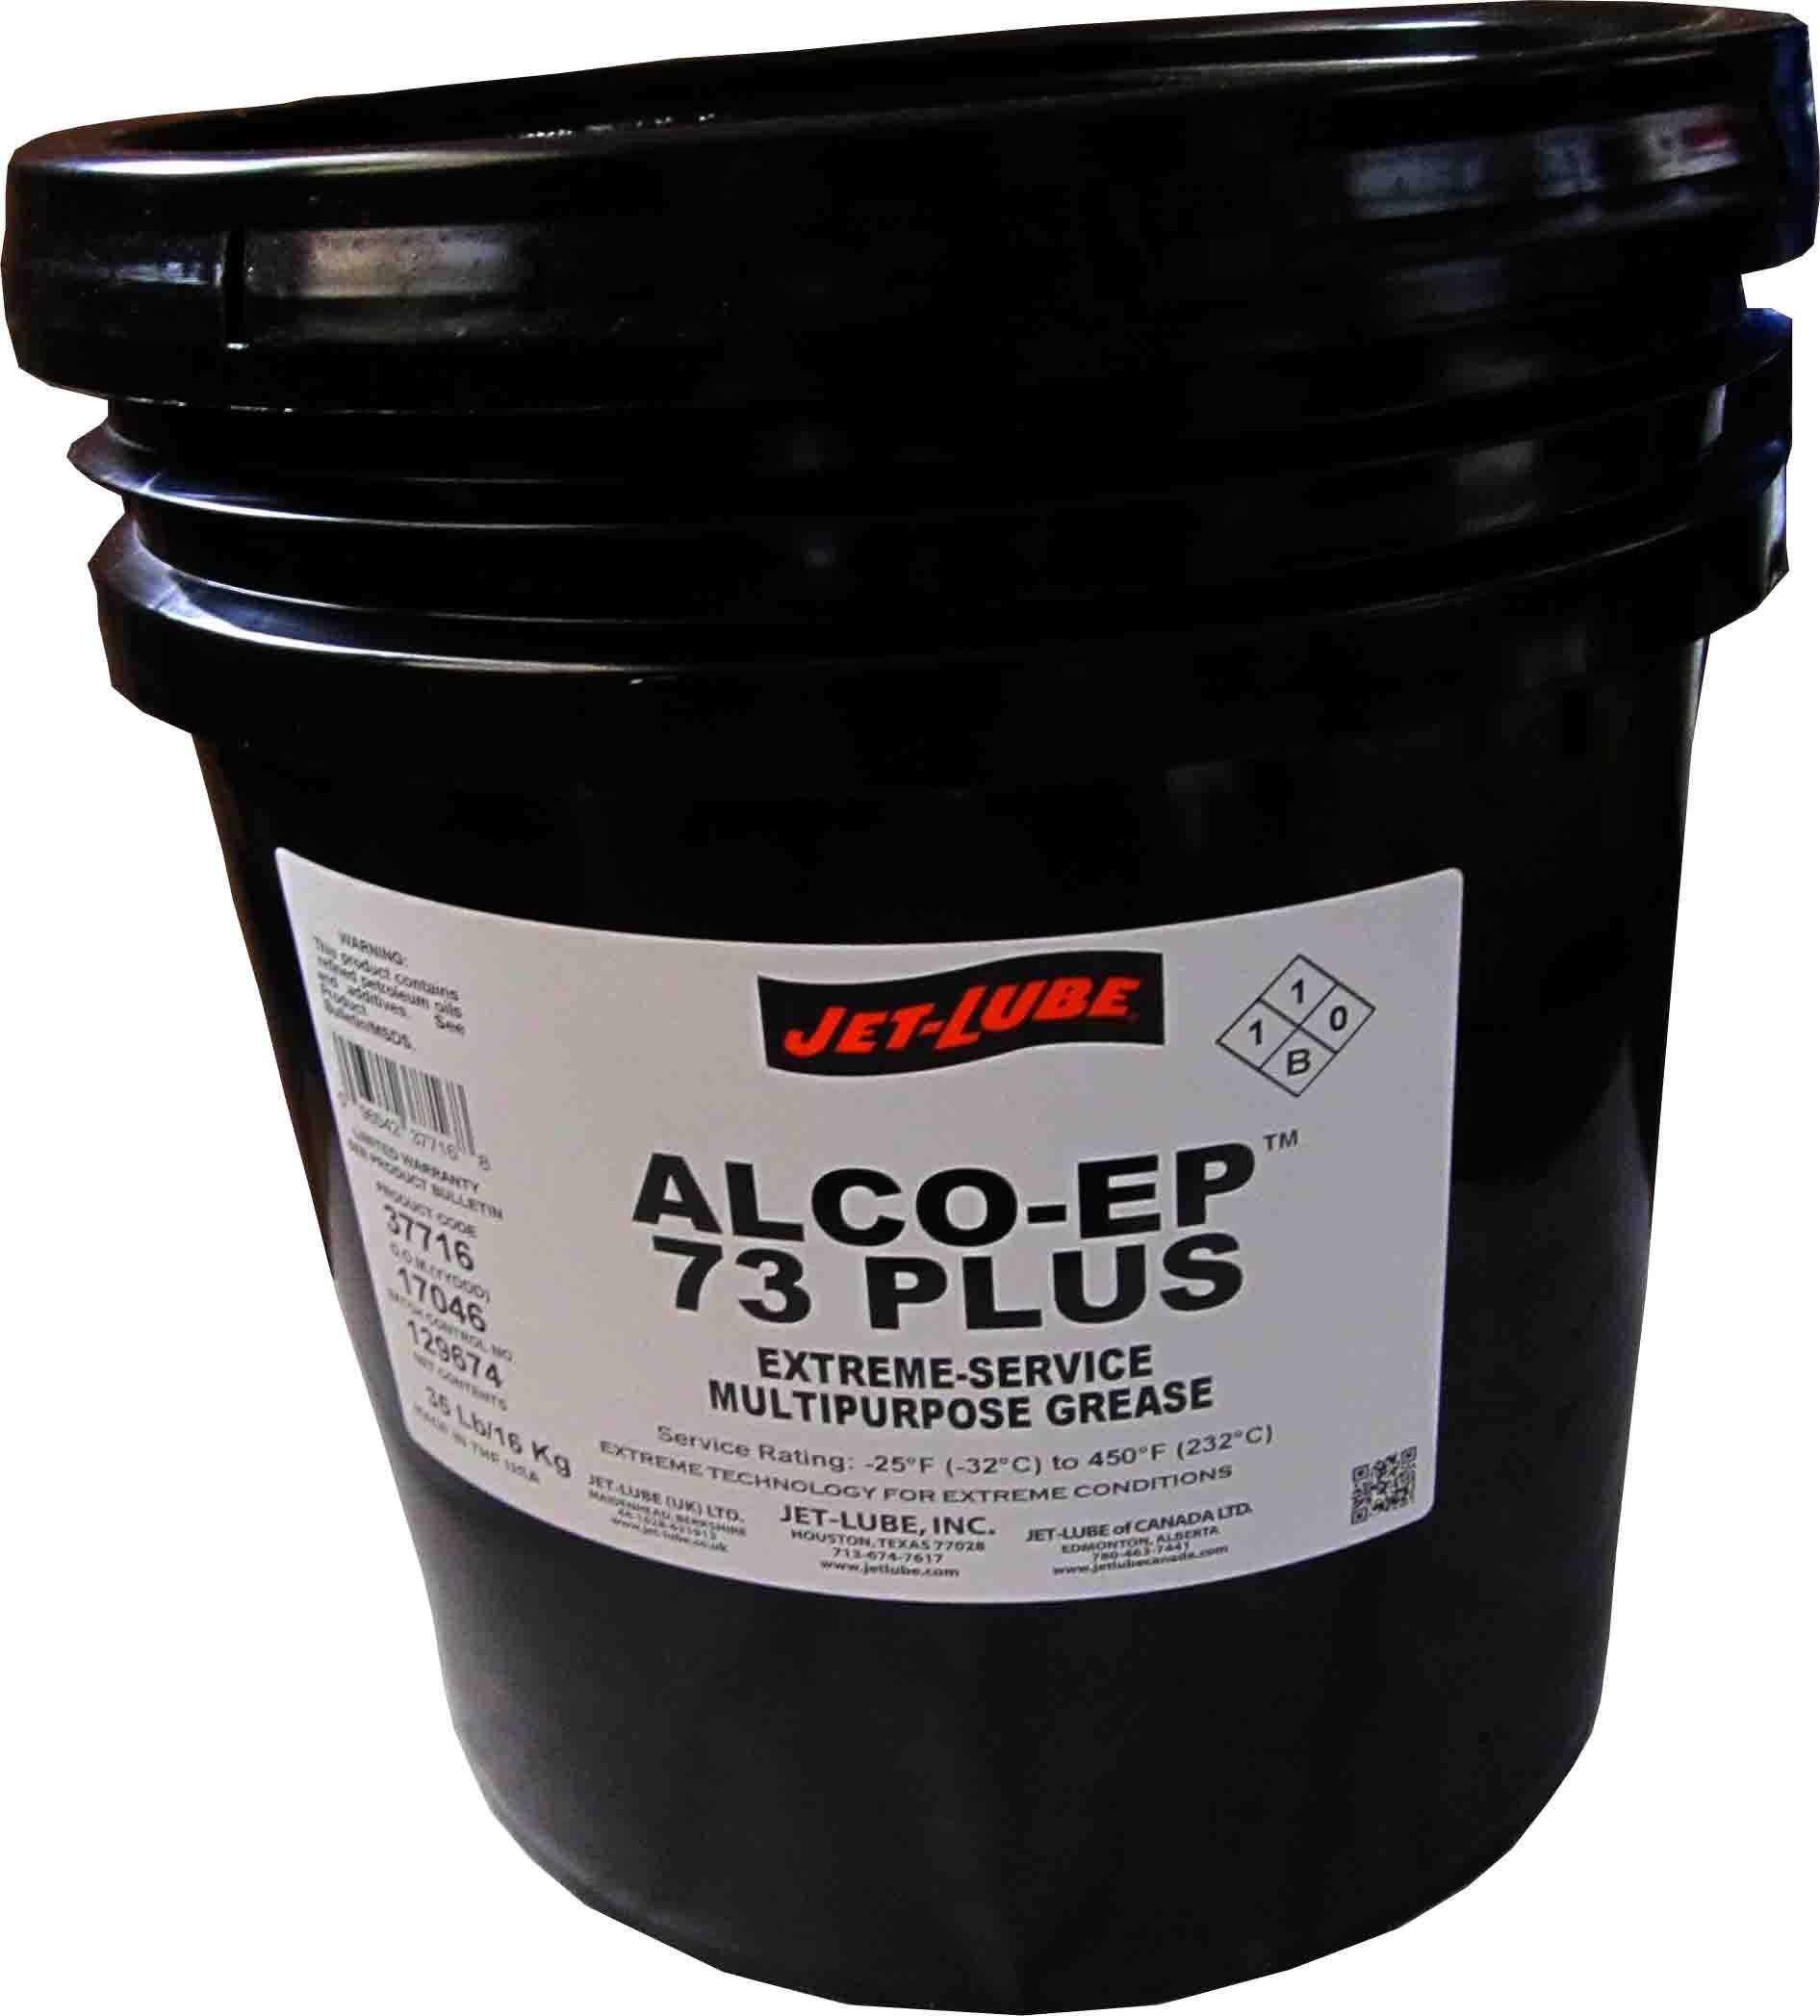 JET-LUBE ALCO-EP-73 PLUS 润滑脂